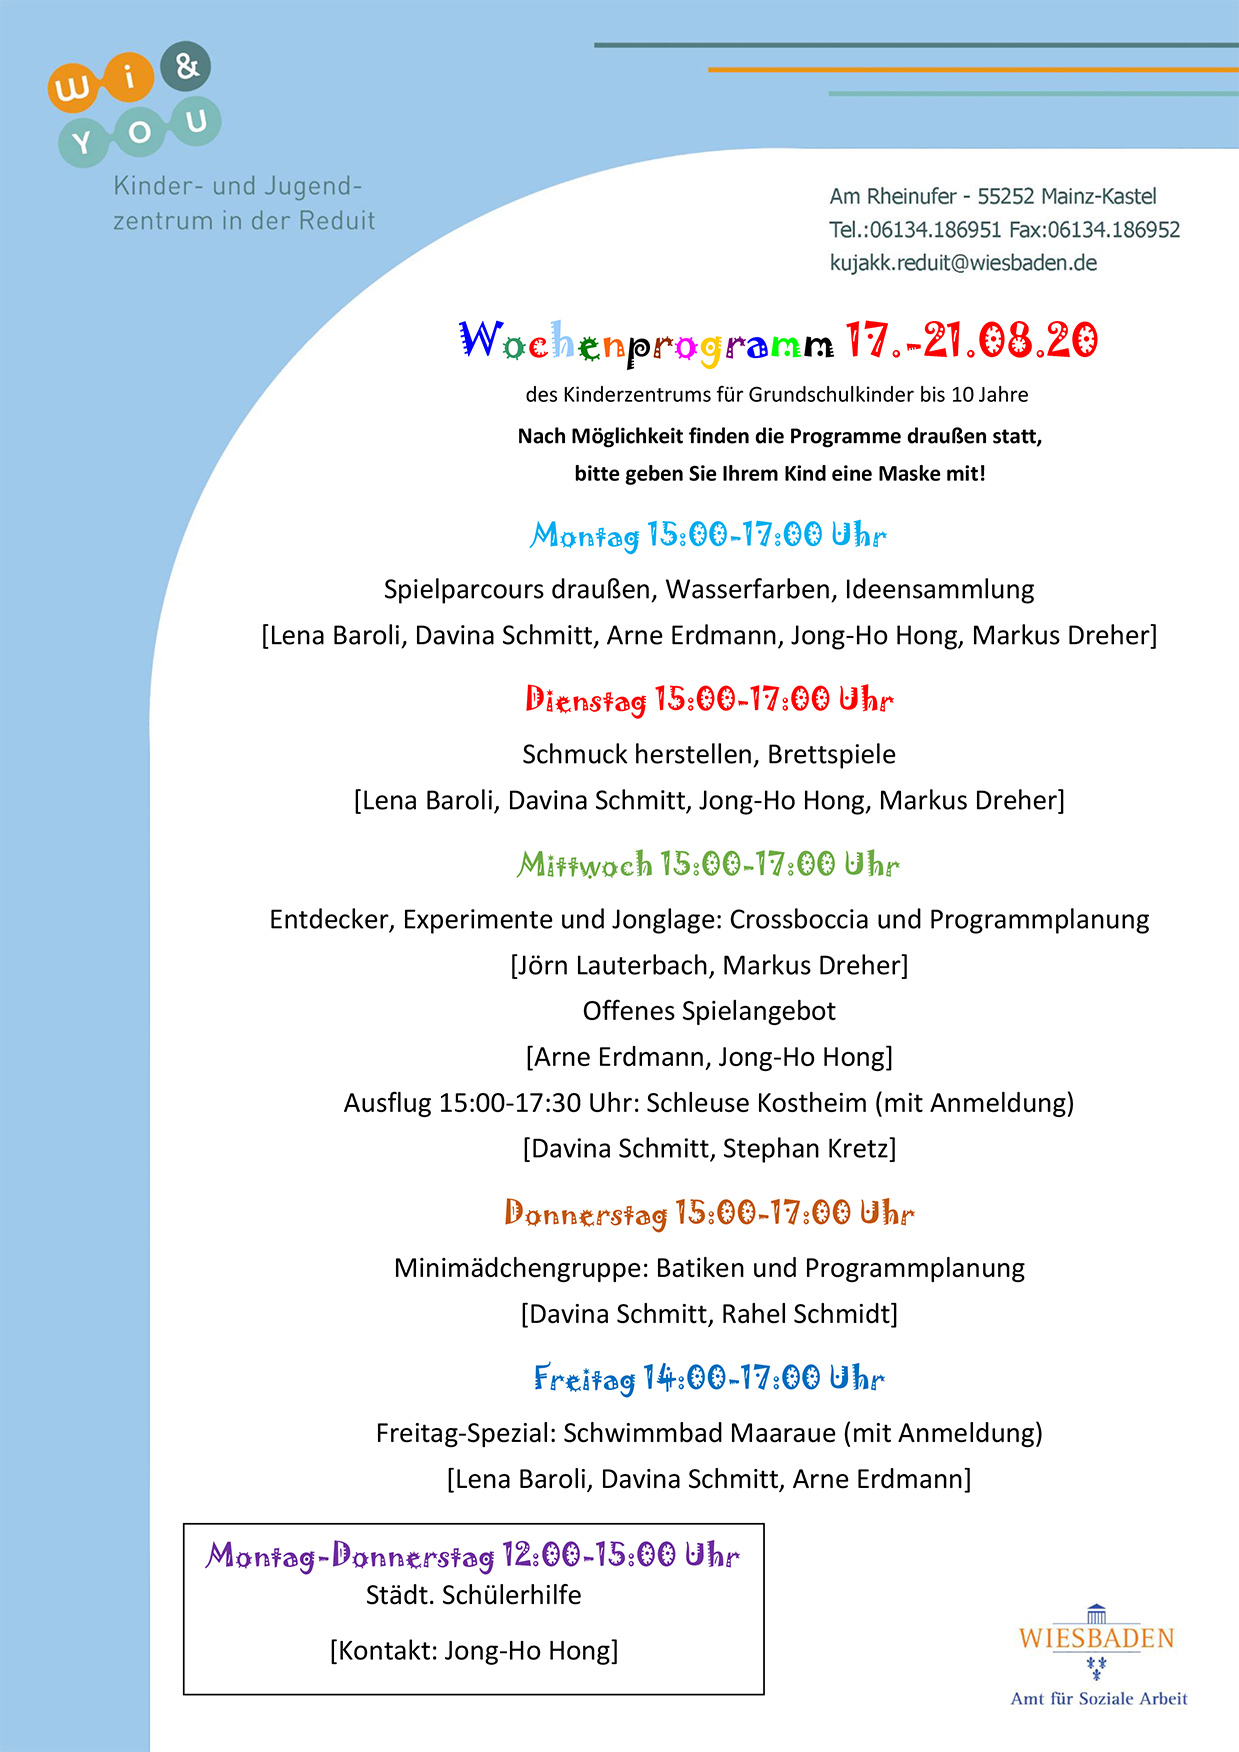 Wochenprogramm vom 17. bis 21. August 2020 des Kinderzentrums für Grundschulkinder bis 10 Jahre . kujakk . Kinder- und Jugendzentrum in der Reduit . Mainz-Kastel